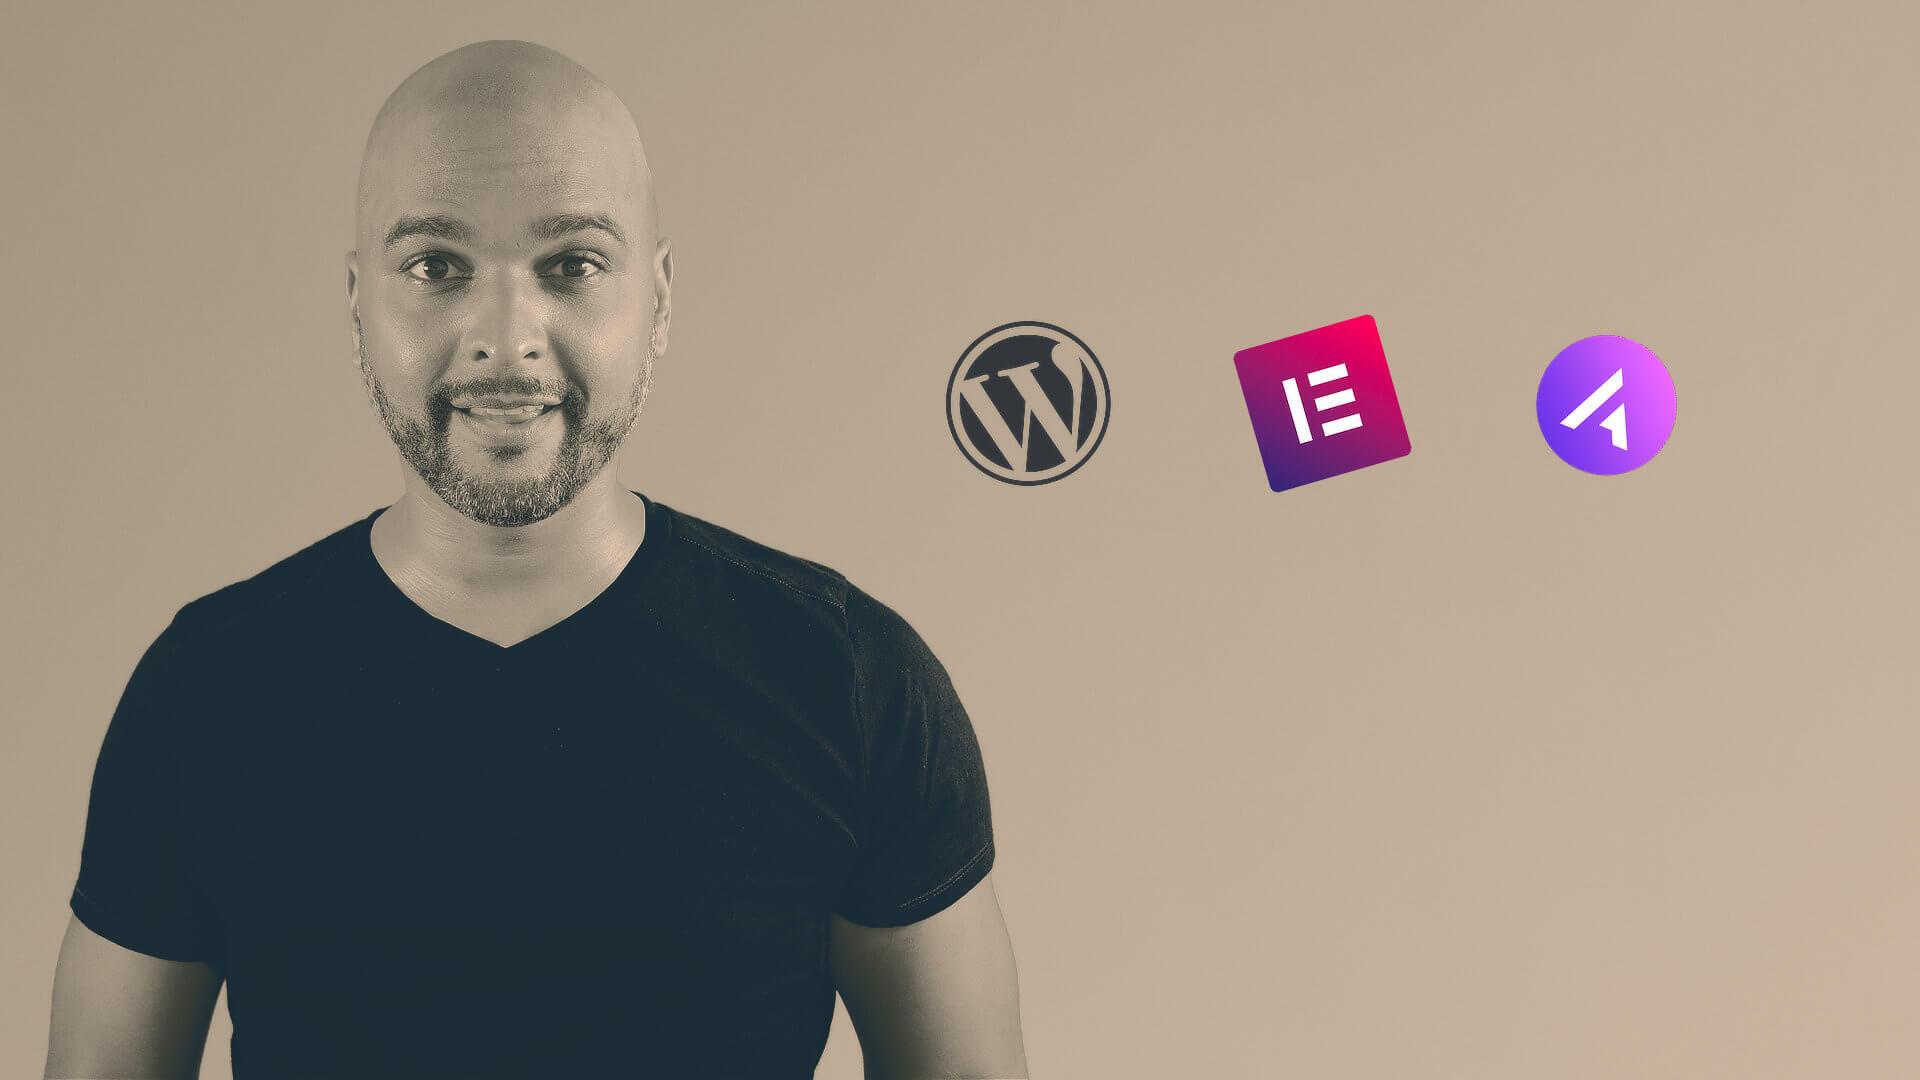 Website Launch Checklist For Wordpress